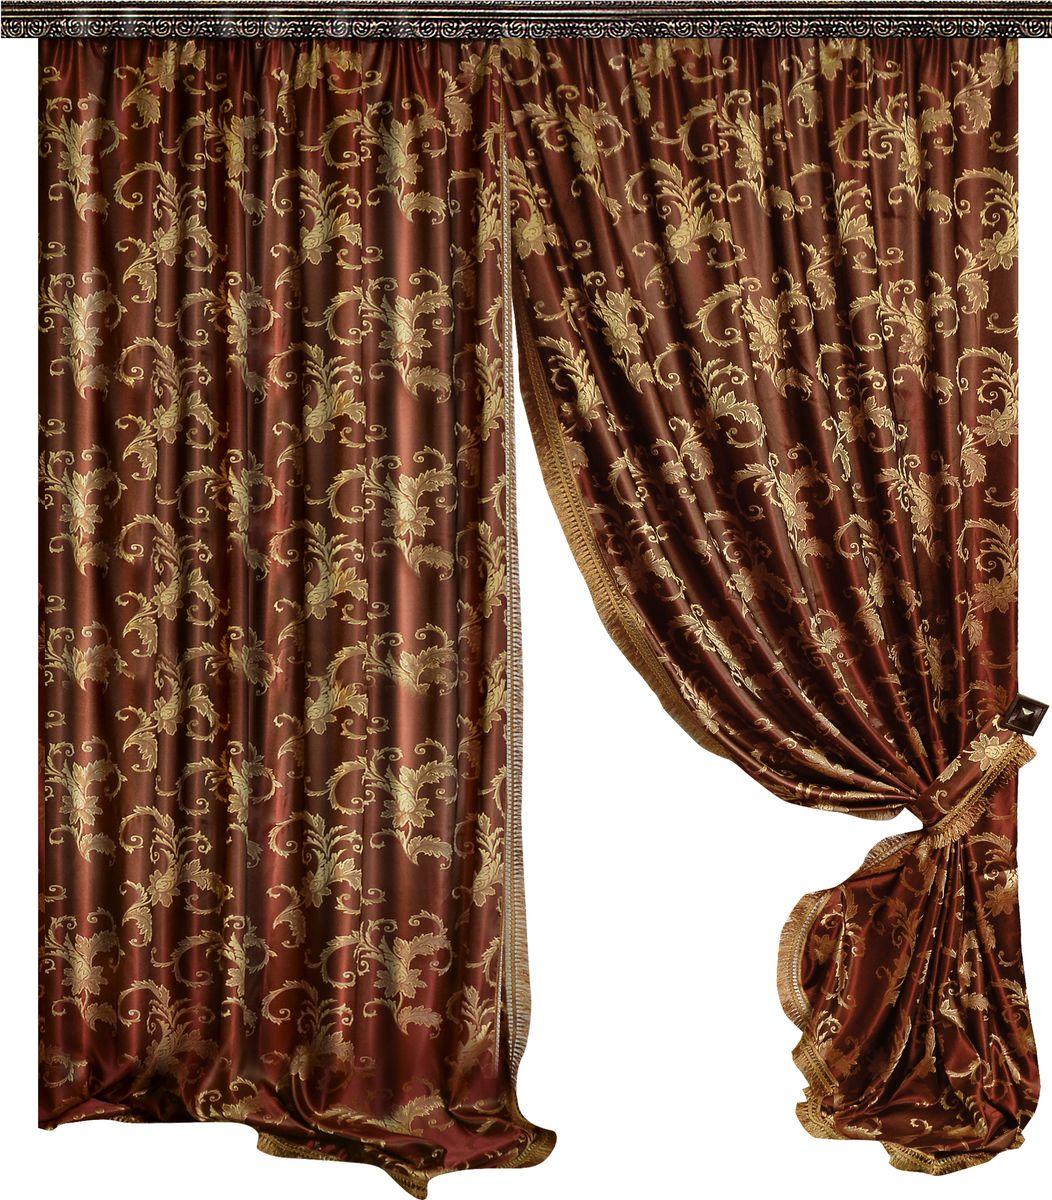 Комплект штор Zlata Korunka, на ленте, цвет: бордовый, высота 270 см. 777065777065Роскошный комплект штор Zlata Korunka комплект состоит из двух штор и двух подхватов, выполненных из 100% полиэстера, которые великолепно украсит любое окно. Край штор отделан тесьмой из бахромы.Плотная ткань, оригинальный орнамент и приятная, приглушенная гамма привлекут к себе внимание и органично впишутся в интерьер помещения. Комплект крепится на карниз при помощи шторной ленты, которая поможет красиво и равномерно задрапировать верх.Этот комплект будет долгое время радовать вас и вашу семью! В комплект входит: Штора: 2 шт. Размер (ШхВ): 160 см х 270 см. Подхват: 2 шт.